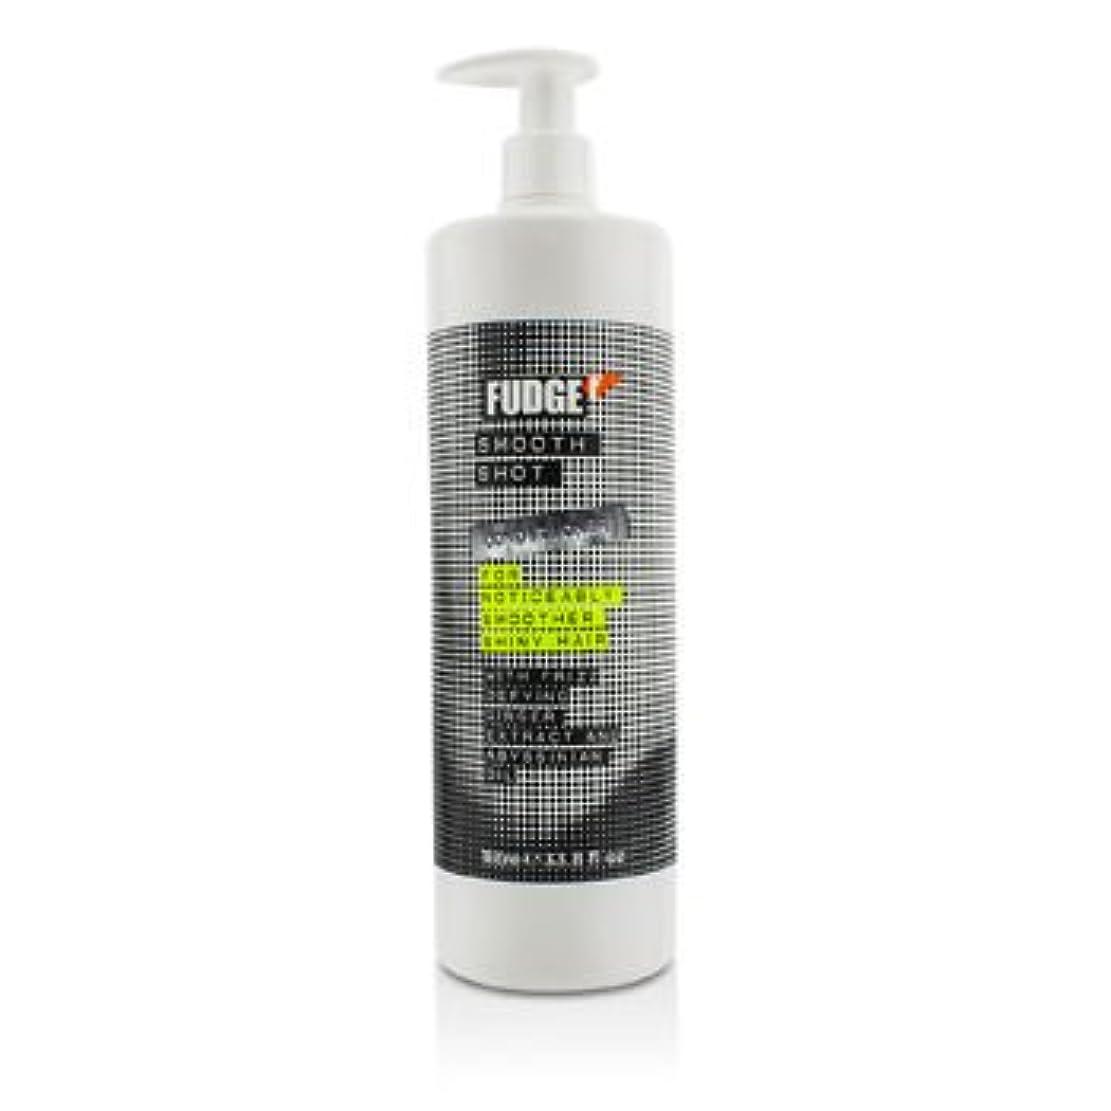 良性顕微鏡ノート[Fudge] Smooth Shot Conditioner (For Noticeably Smoother Shiny Hair) 1000ml/33.8oz